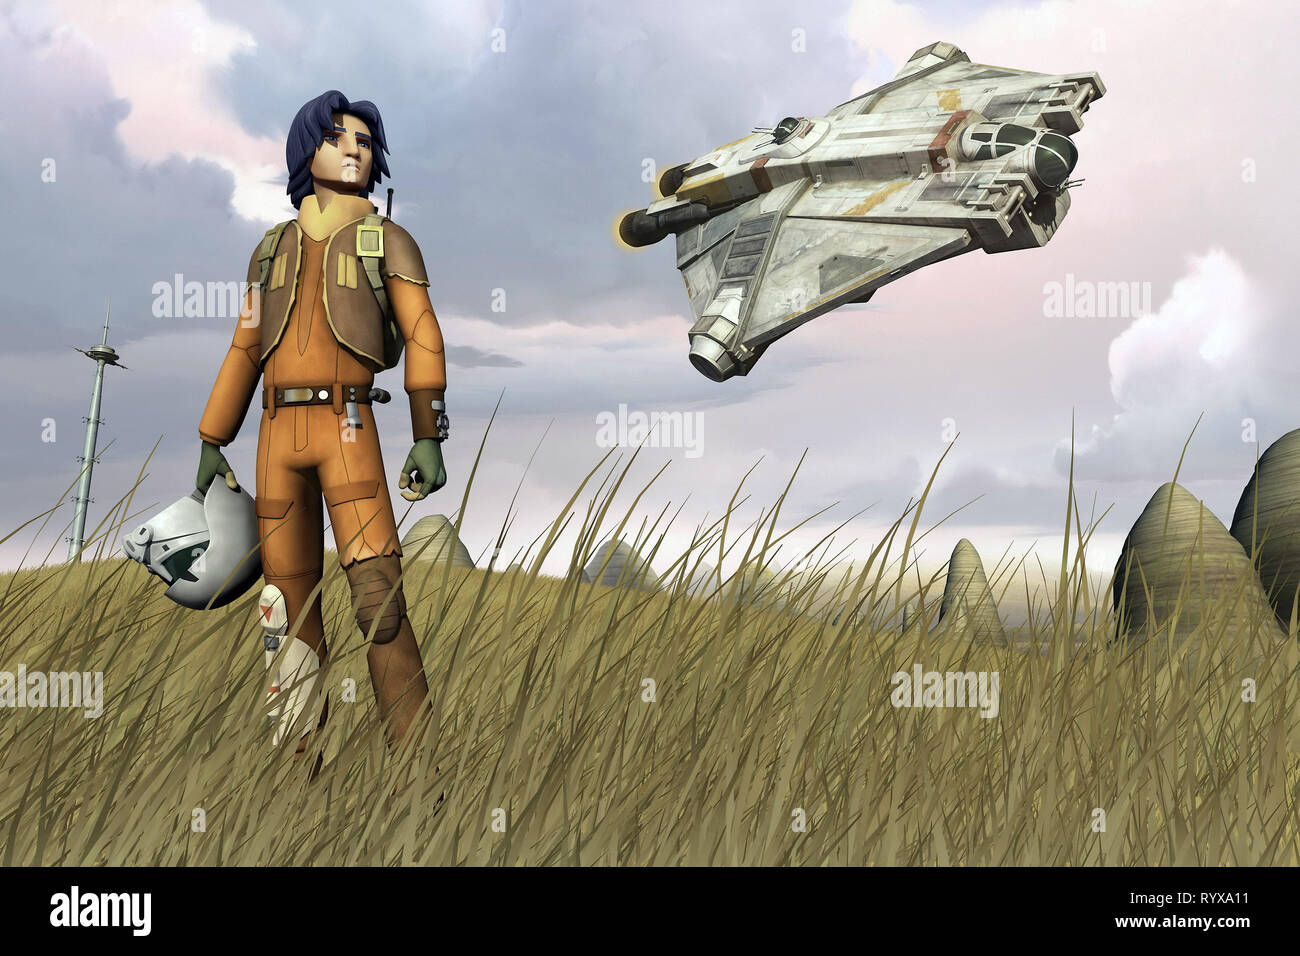 EZRA BRIDGER, STAR WARS REBELS, 2014 - Stock Image